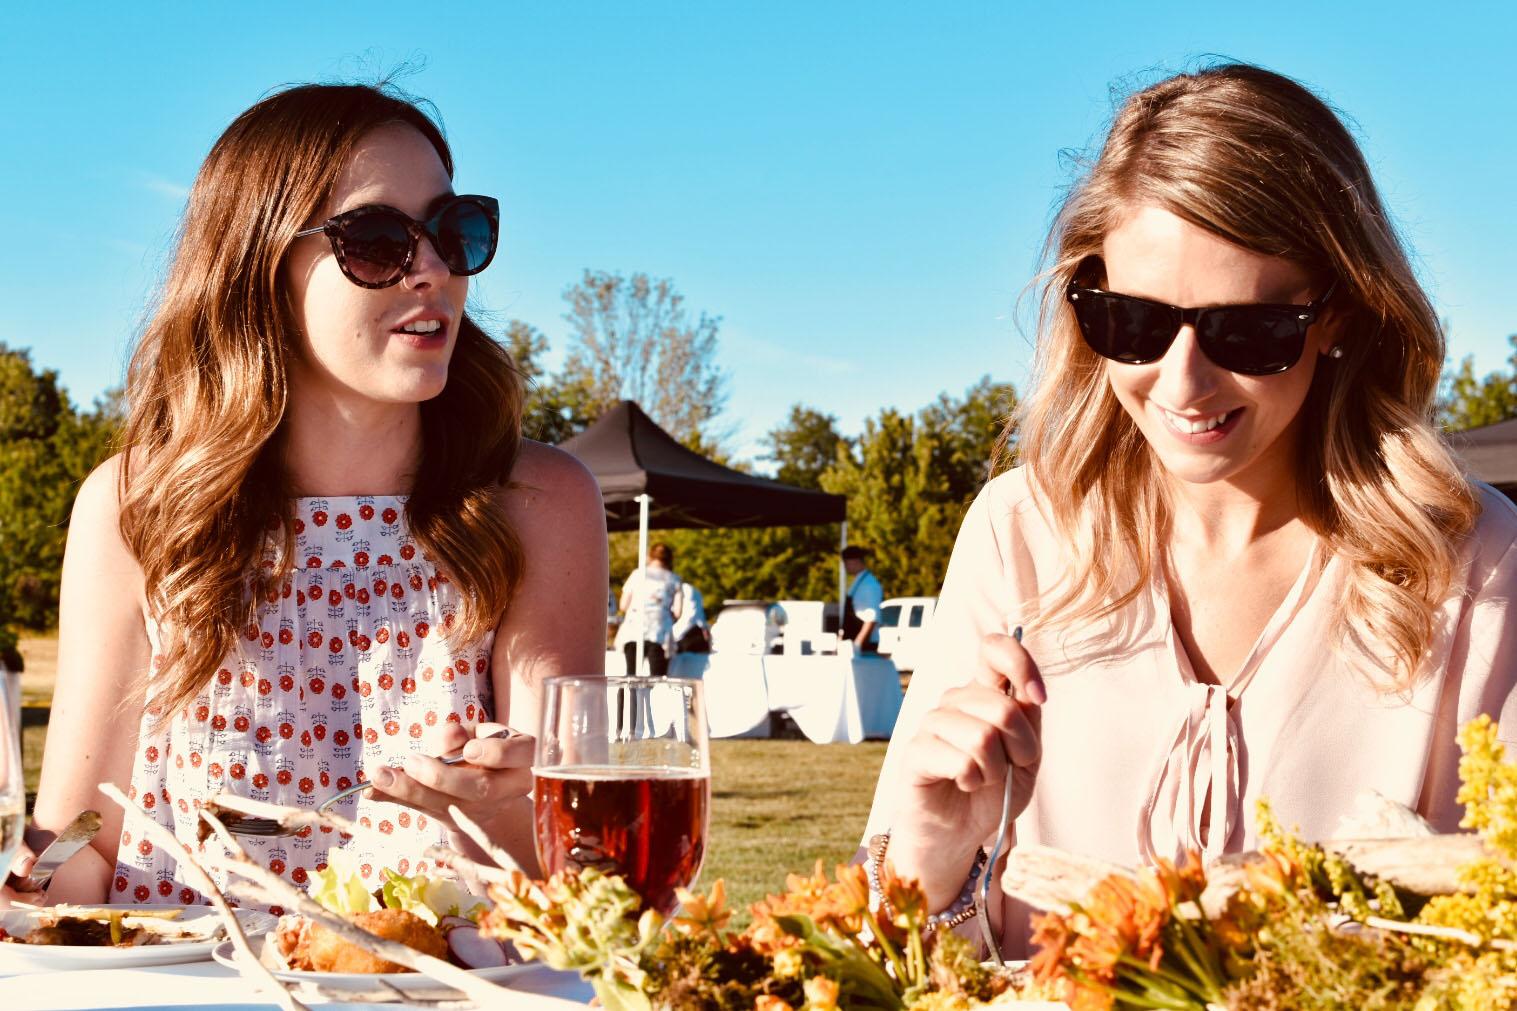 2 women eating dinner